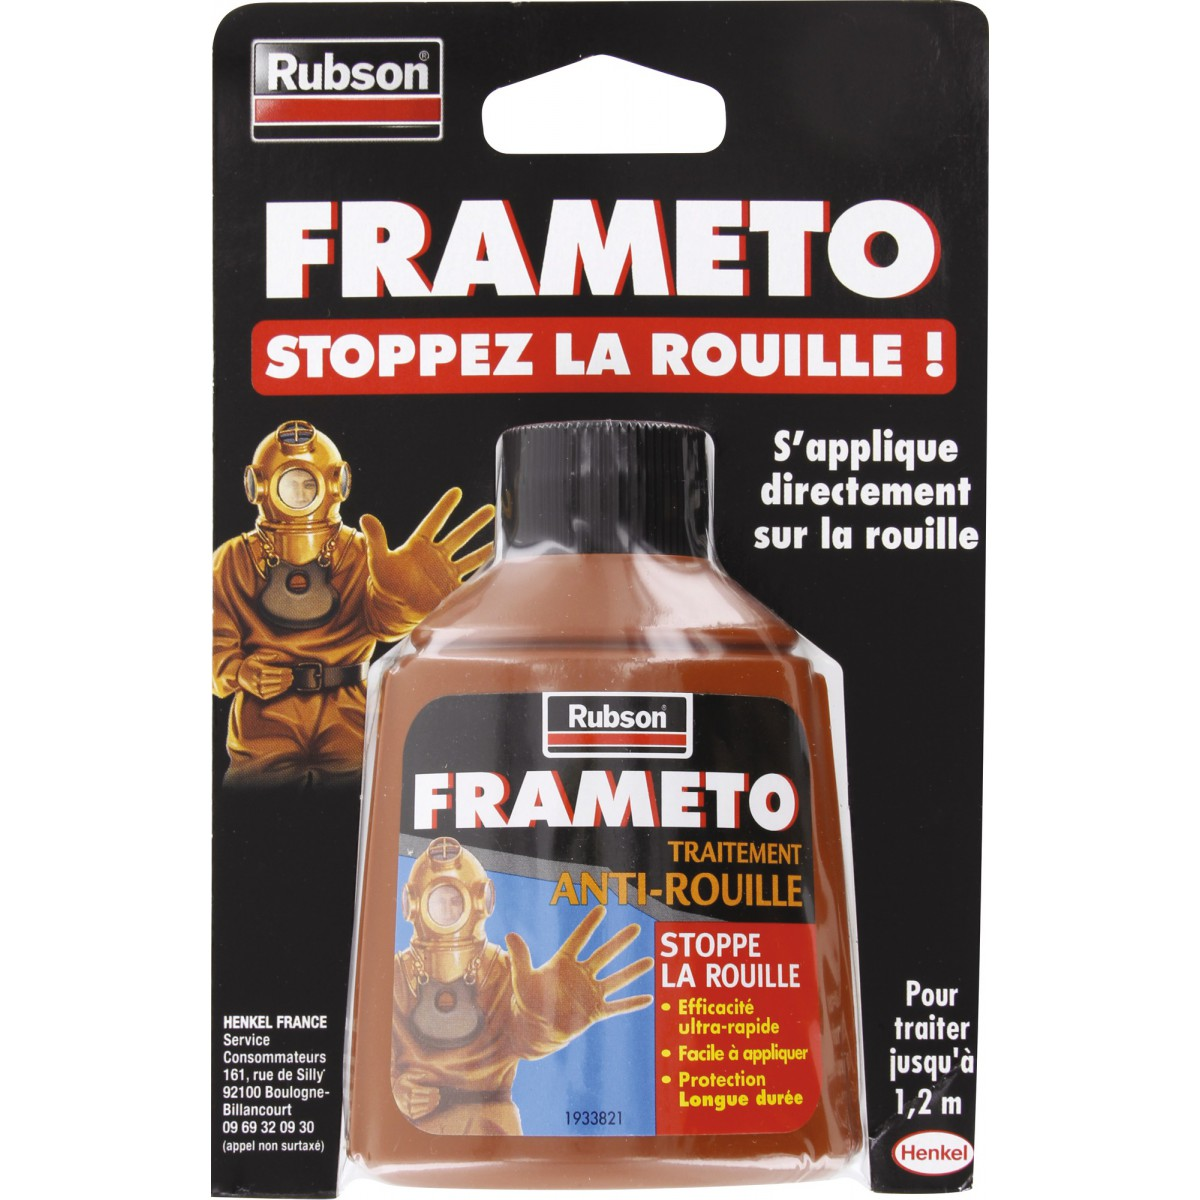 antirouille frameto 90 ml de antirouille frameto 1065207 mon magasin g n ral. Black Bedroom Furniture Sets. Home Design Ideas